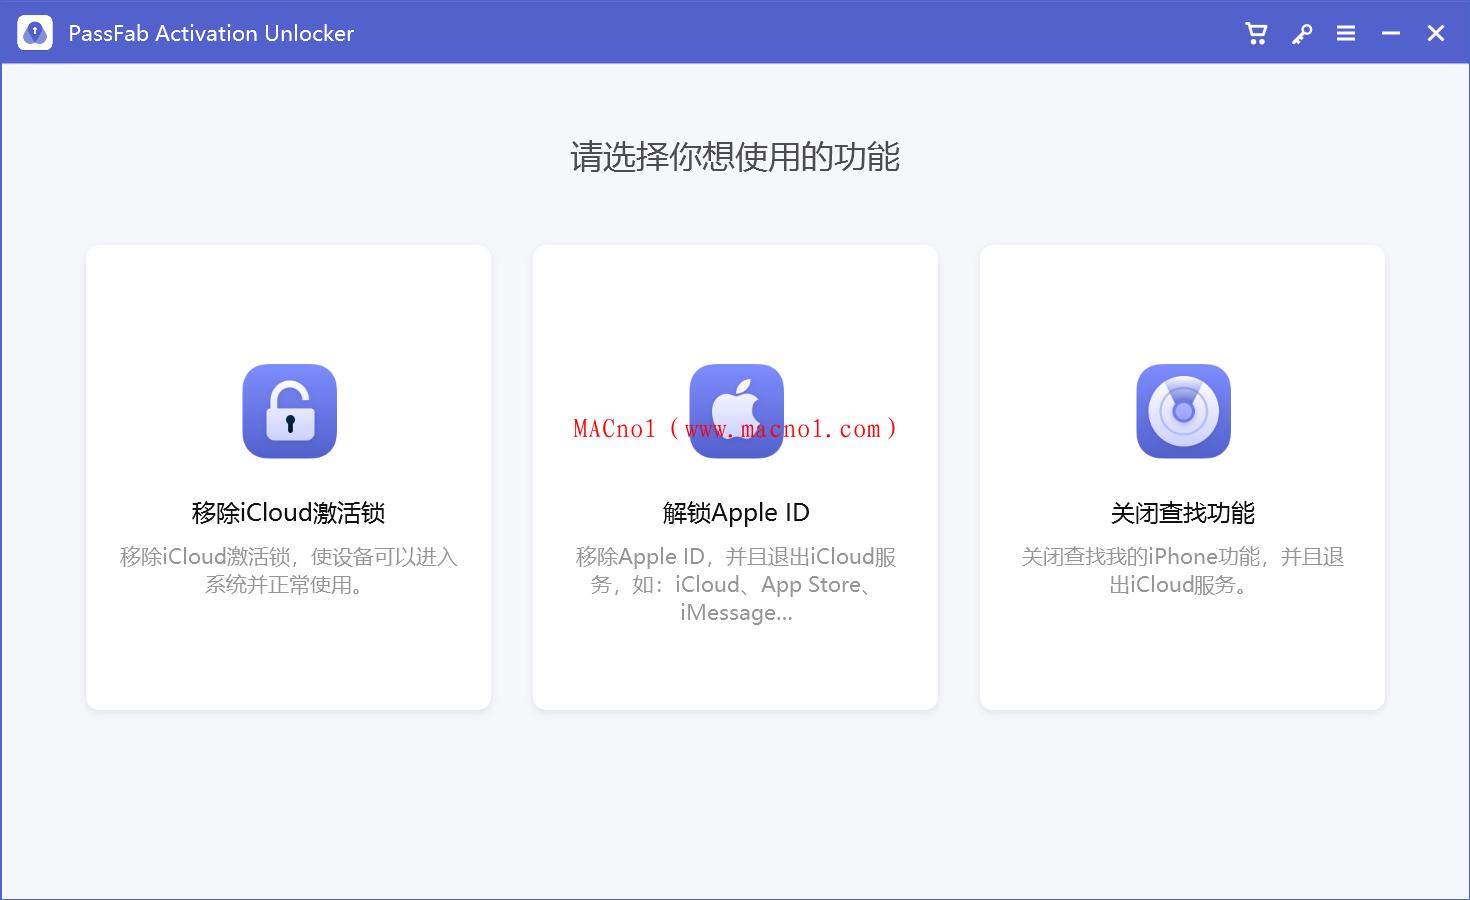 PassFab Activation Unlocker(设备解锁工具)v3.0.4 中文破解版